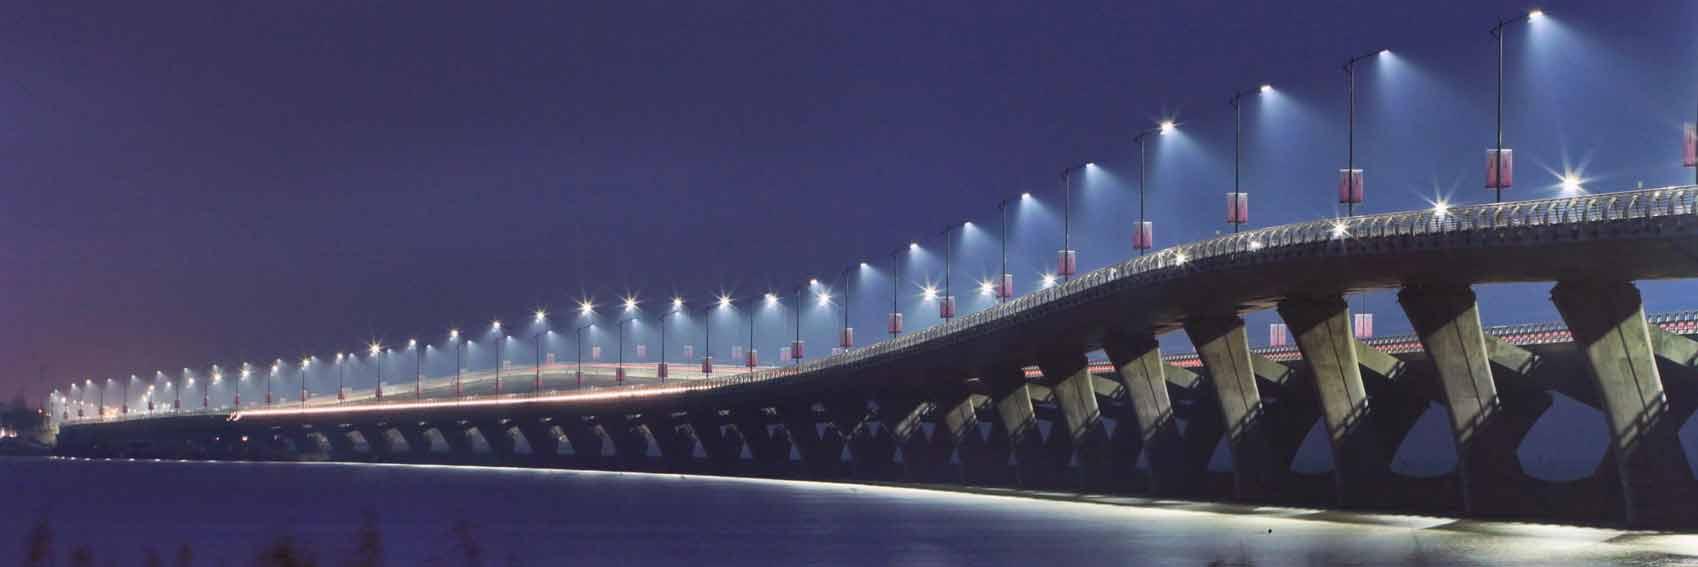 长兴太湖大桥